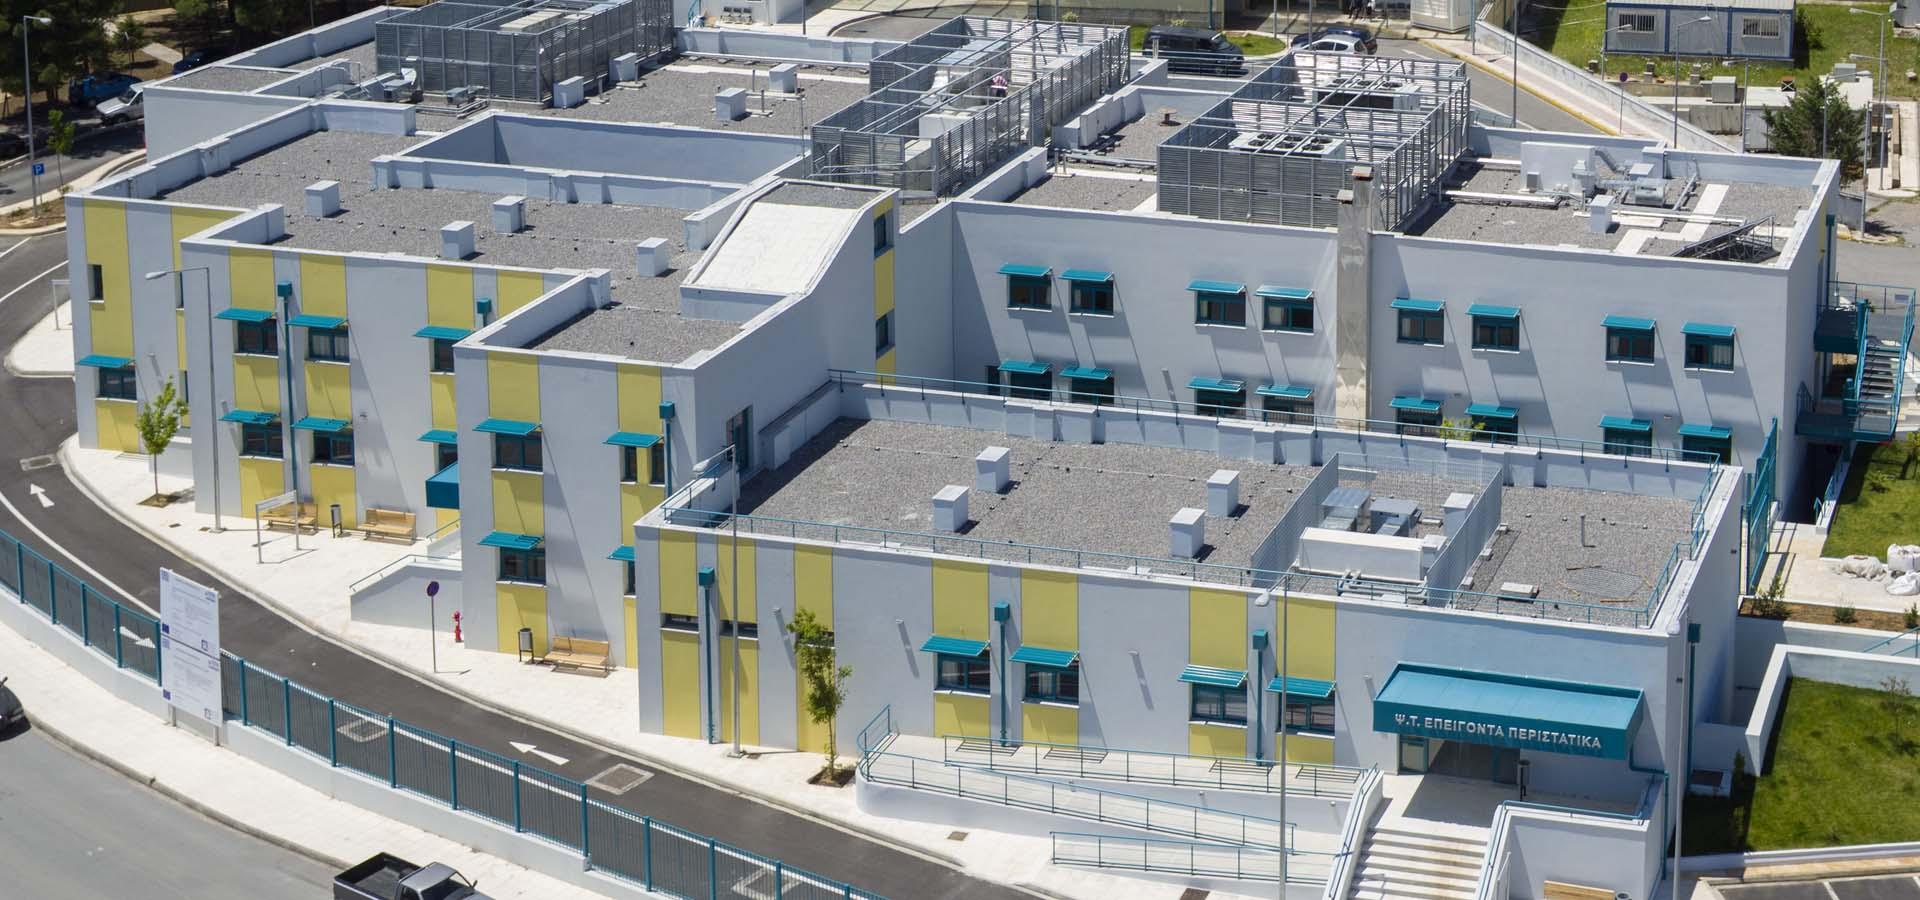 Νέα Ψυχιατρική Πτέρυγα στο Γενικό Νοσοκομείο Τρίπολης «Η ΕΥΑΓΓΕΛΙΣΤΡΙΑ»